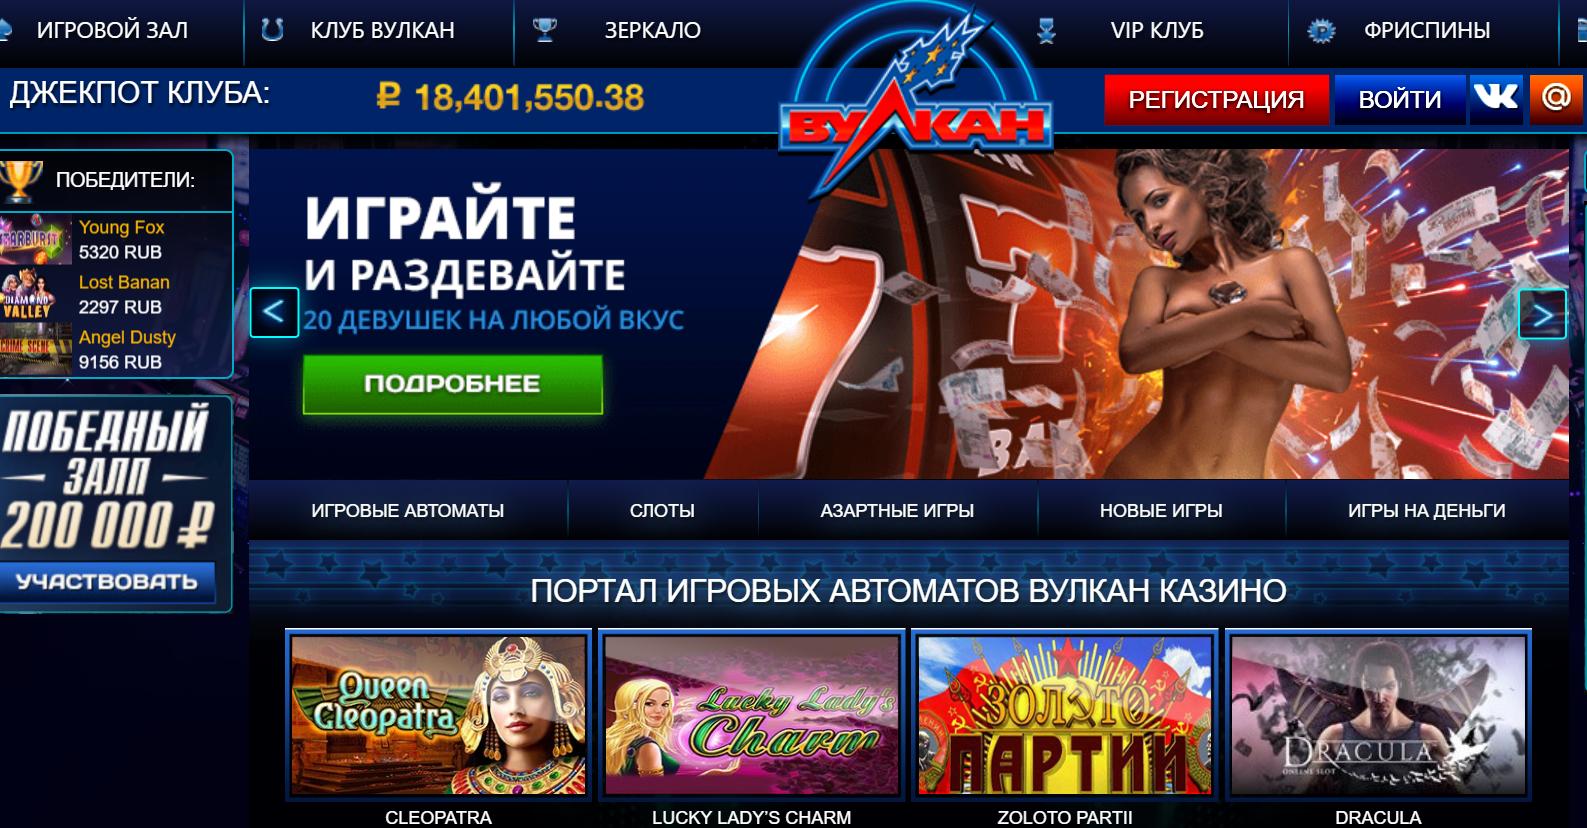 Как заработать деньги на игровых автоматах онлайн-казино Вулкан